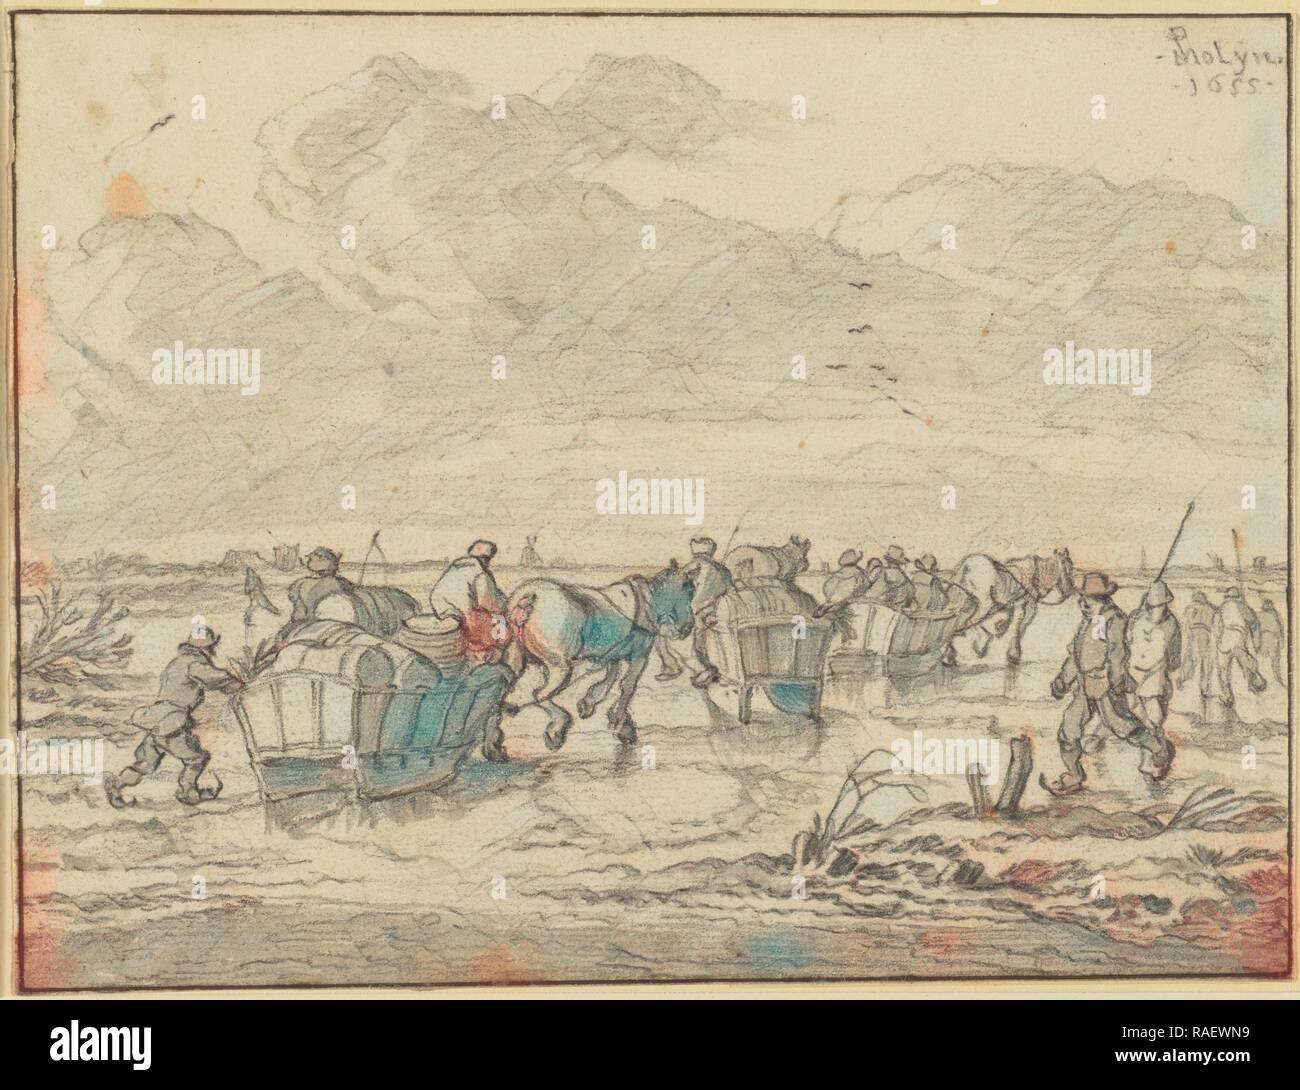 Eine Szene auf dem Eis mit Skater und Wagen, Pieter Molijn (Niederländisch, 1595-1661), 1655, Schwarze Kreide mit grauen Neuerfundene waschen, 14. Stockbild